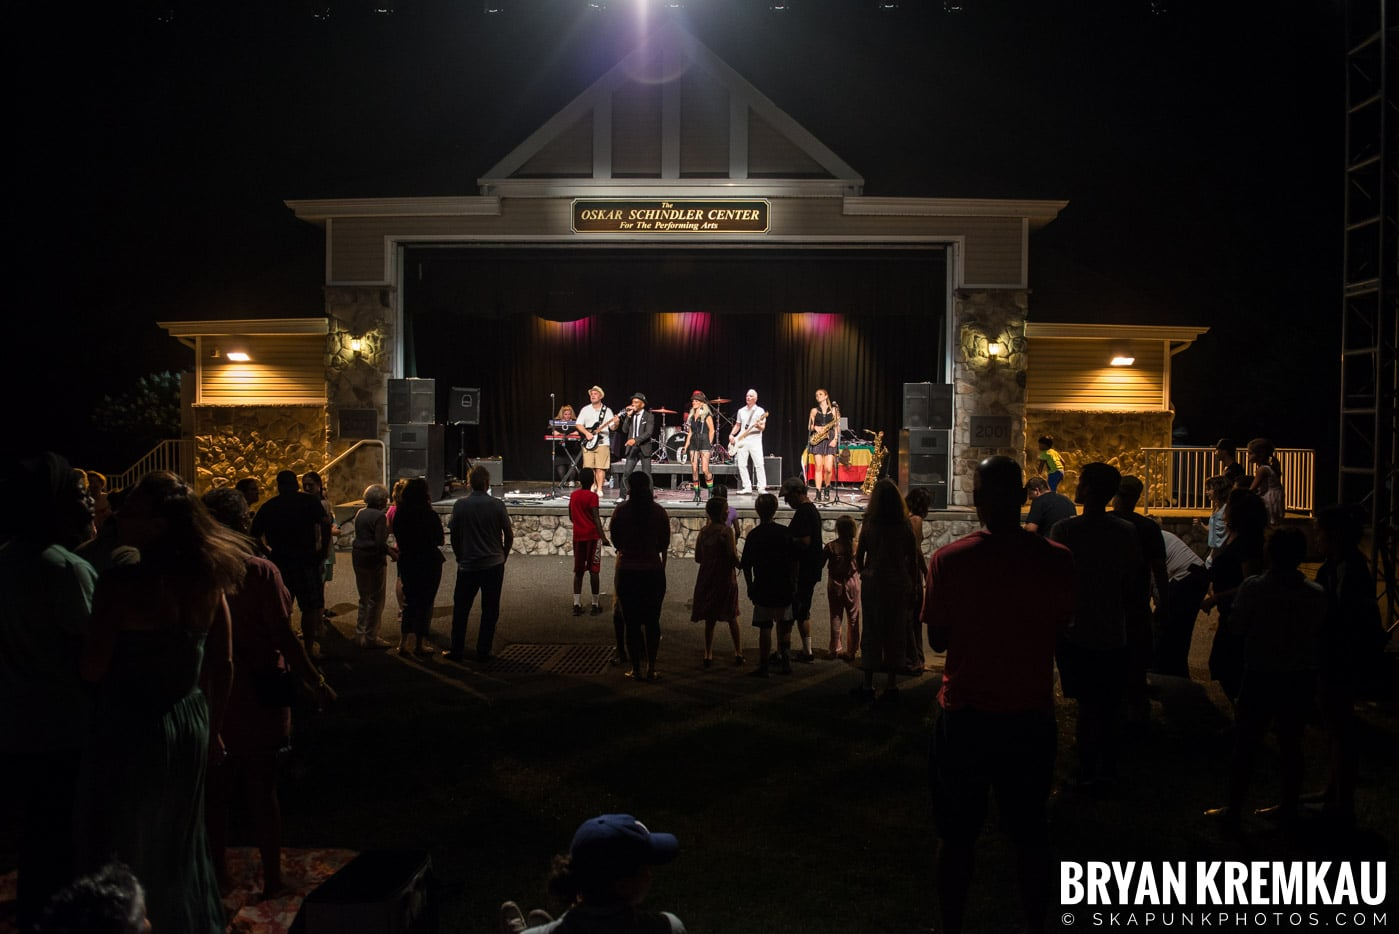 Rude Boy George @ Oskar Schindler Performing Arts Center, West Orange, NJ - 8.19.17 (24)